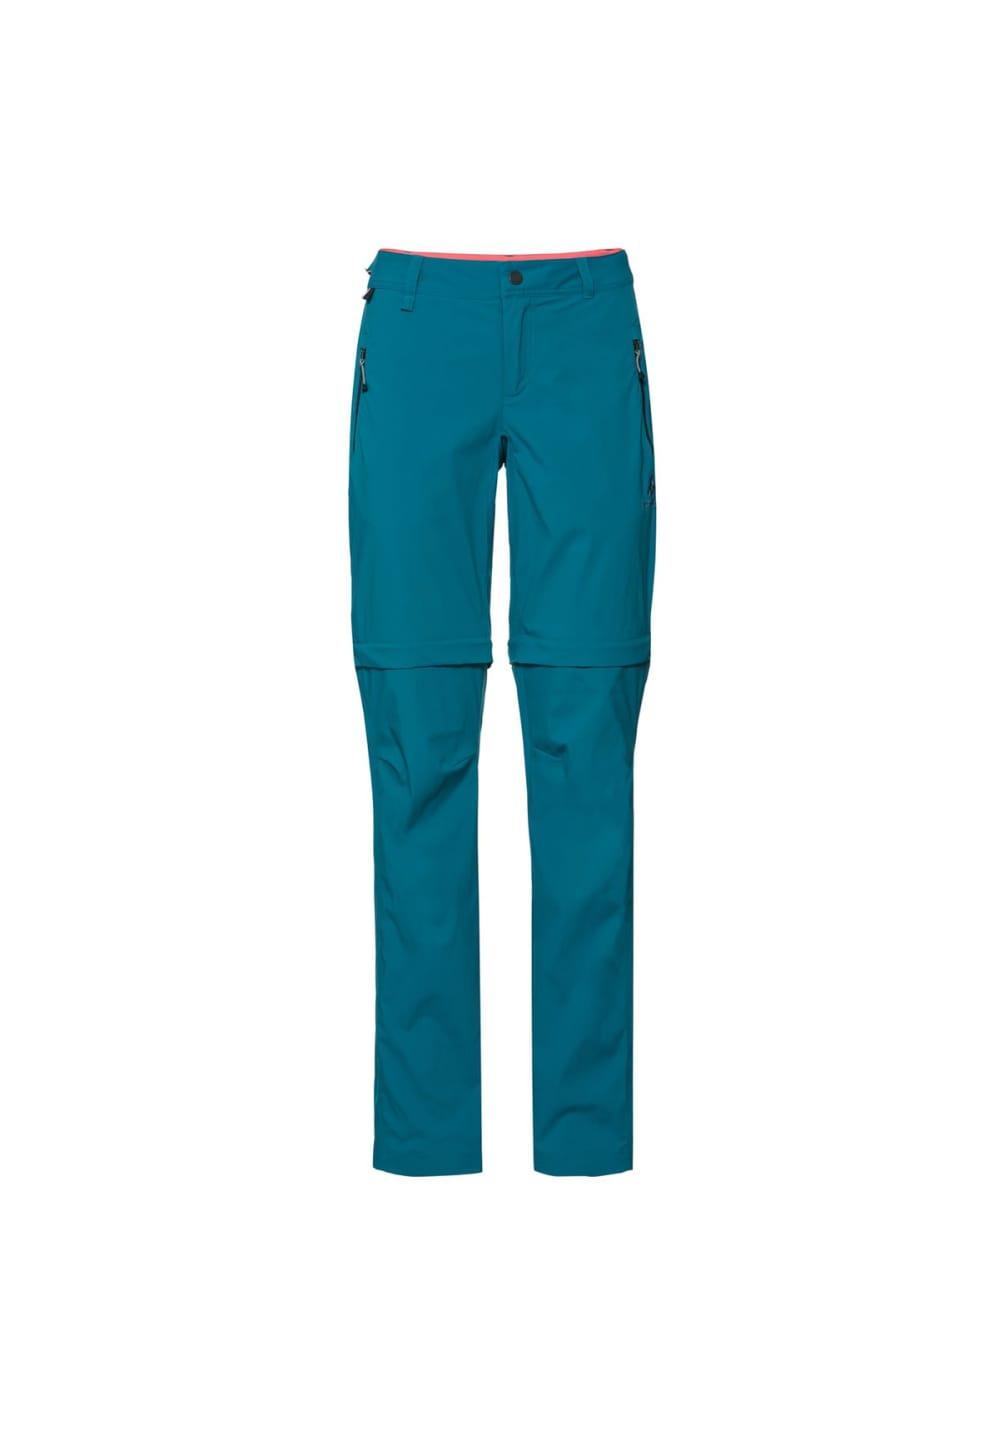 Zip Outdoor Femme Pour Wedgemount Vert Odlo Pants Off Y7Im6fgyvb